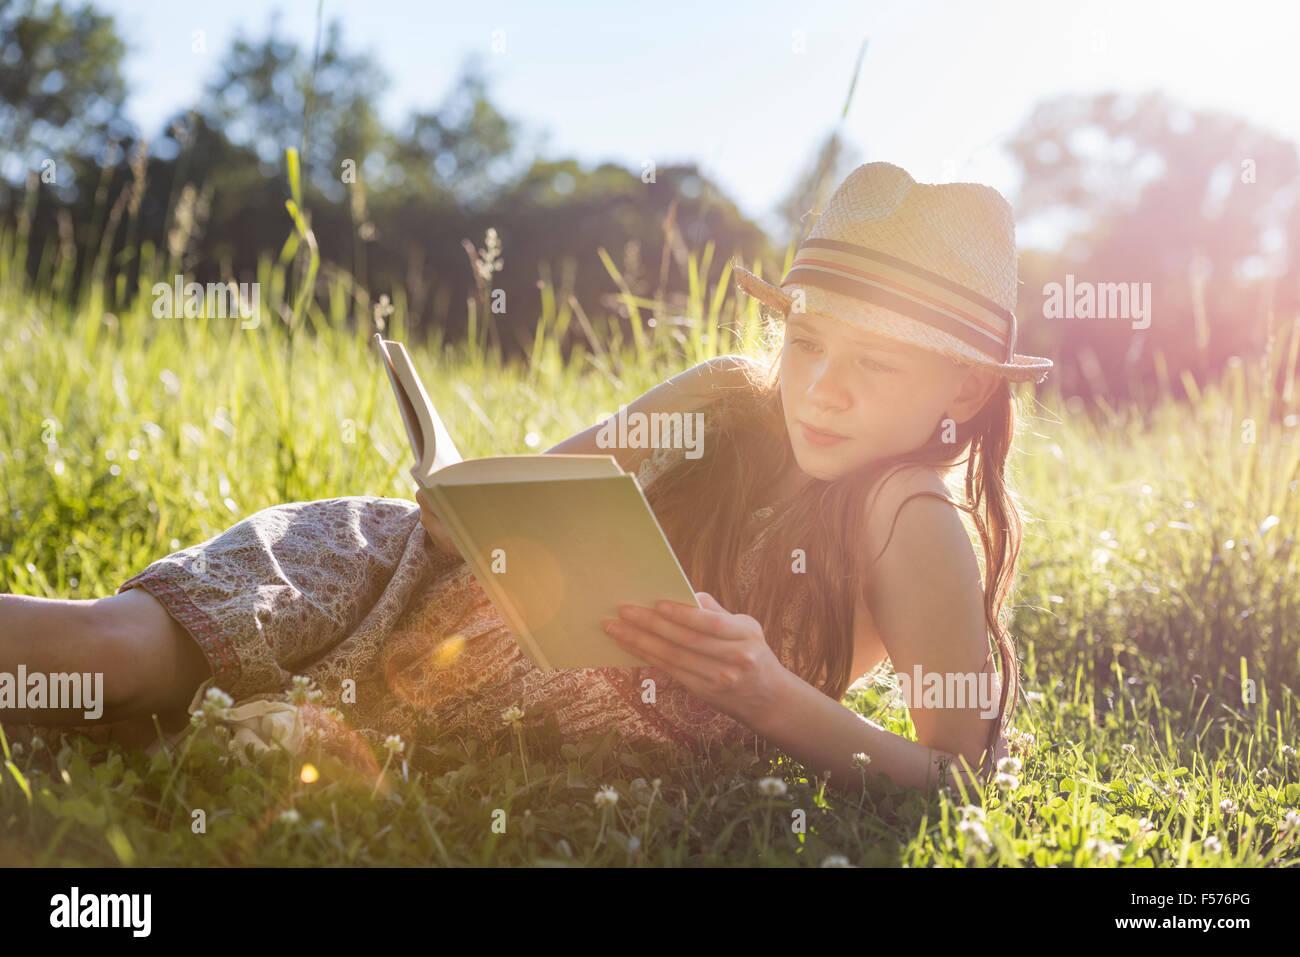 Una giovane ragazza in un cappello di paglia sdraiati sull'erba la lettura di un libro. Foto Stock